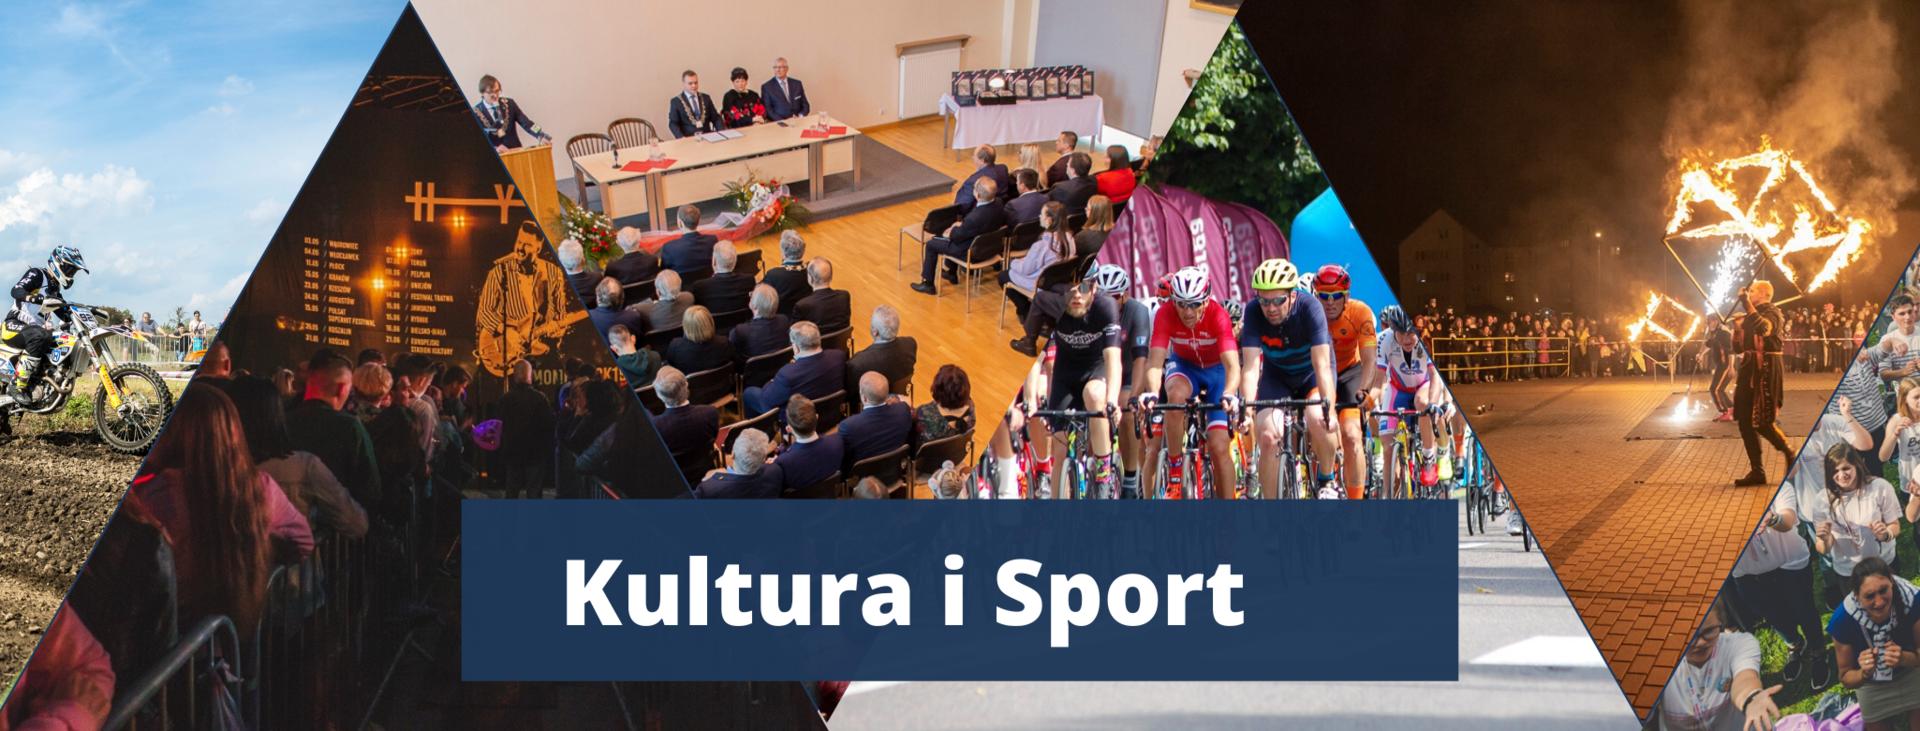 Kultura i Sport [2050x780]